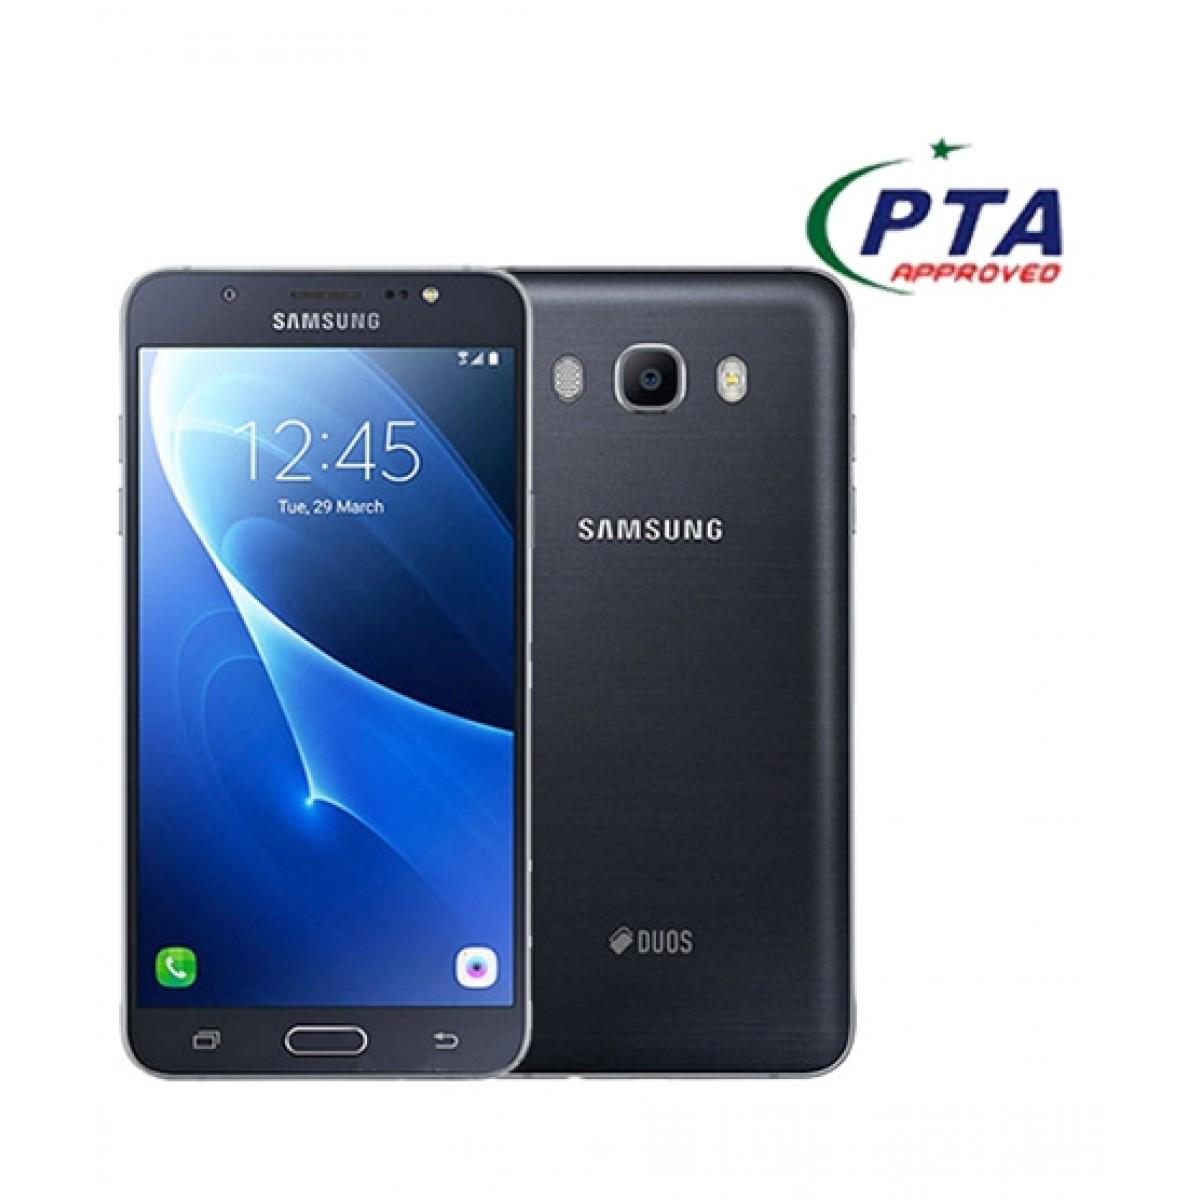 Samsung Galaxy J7 2016 4G Dual Sim Black (J710FD) - Official Warranty